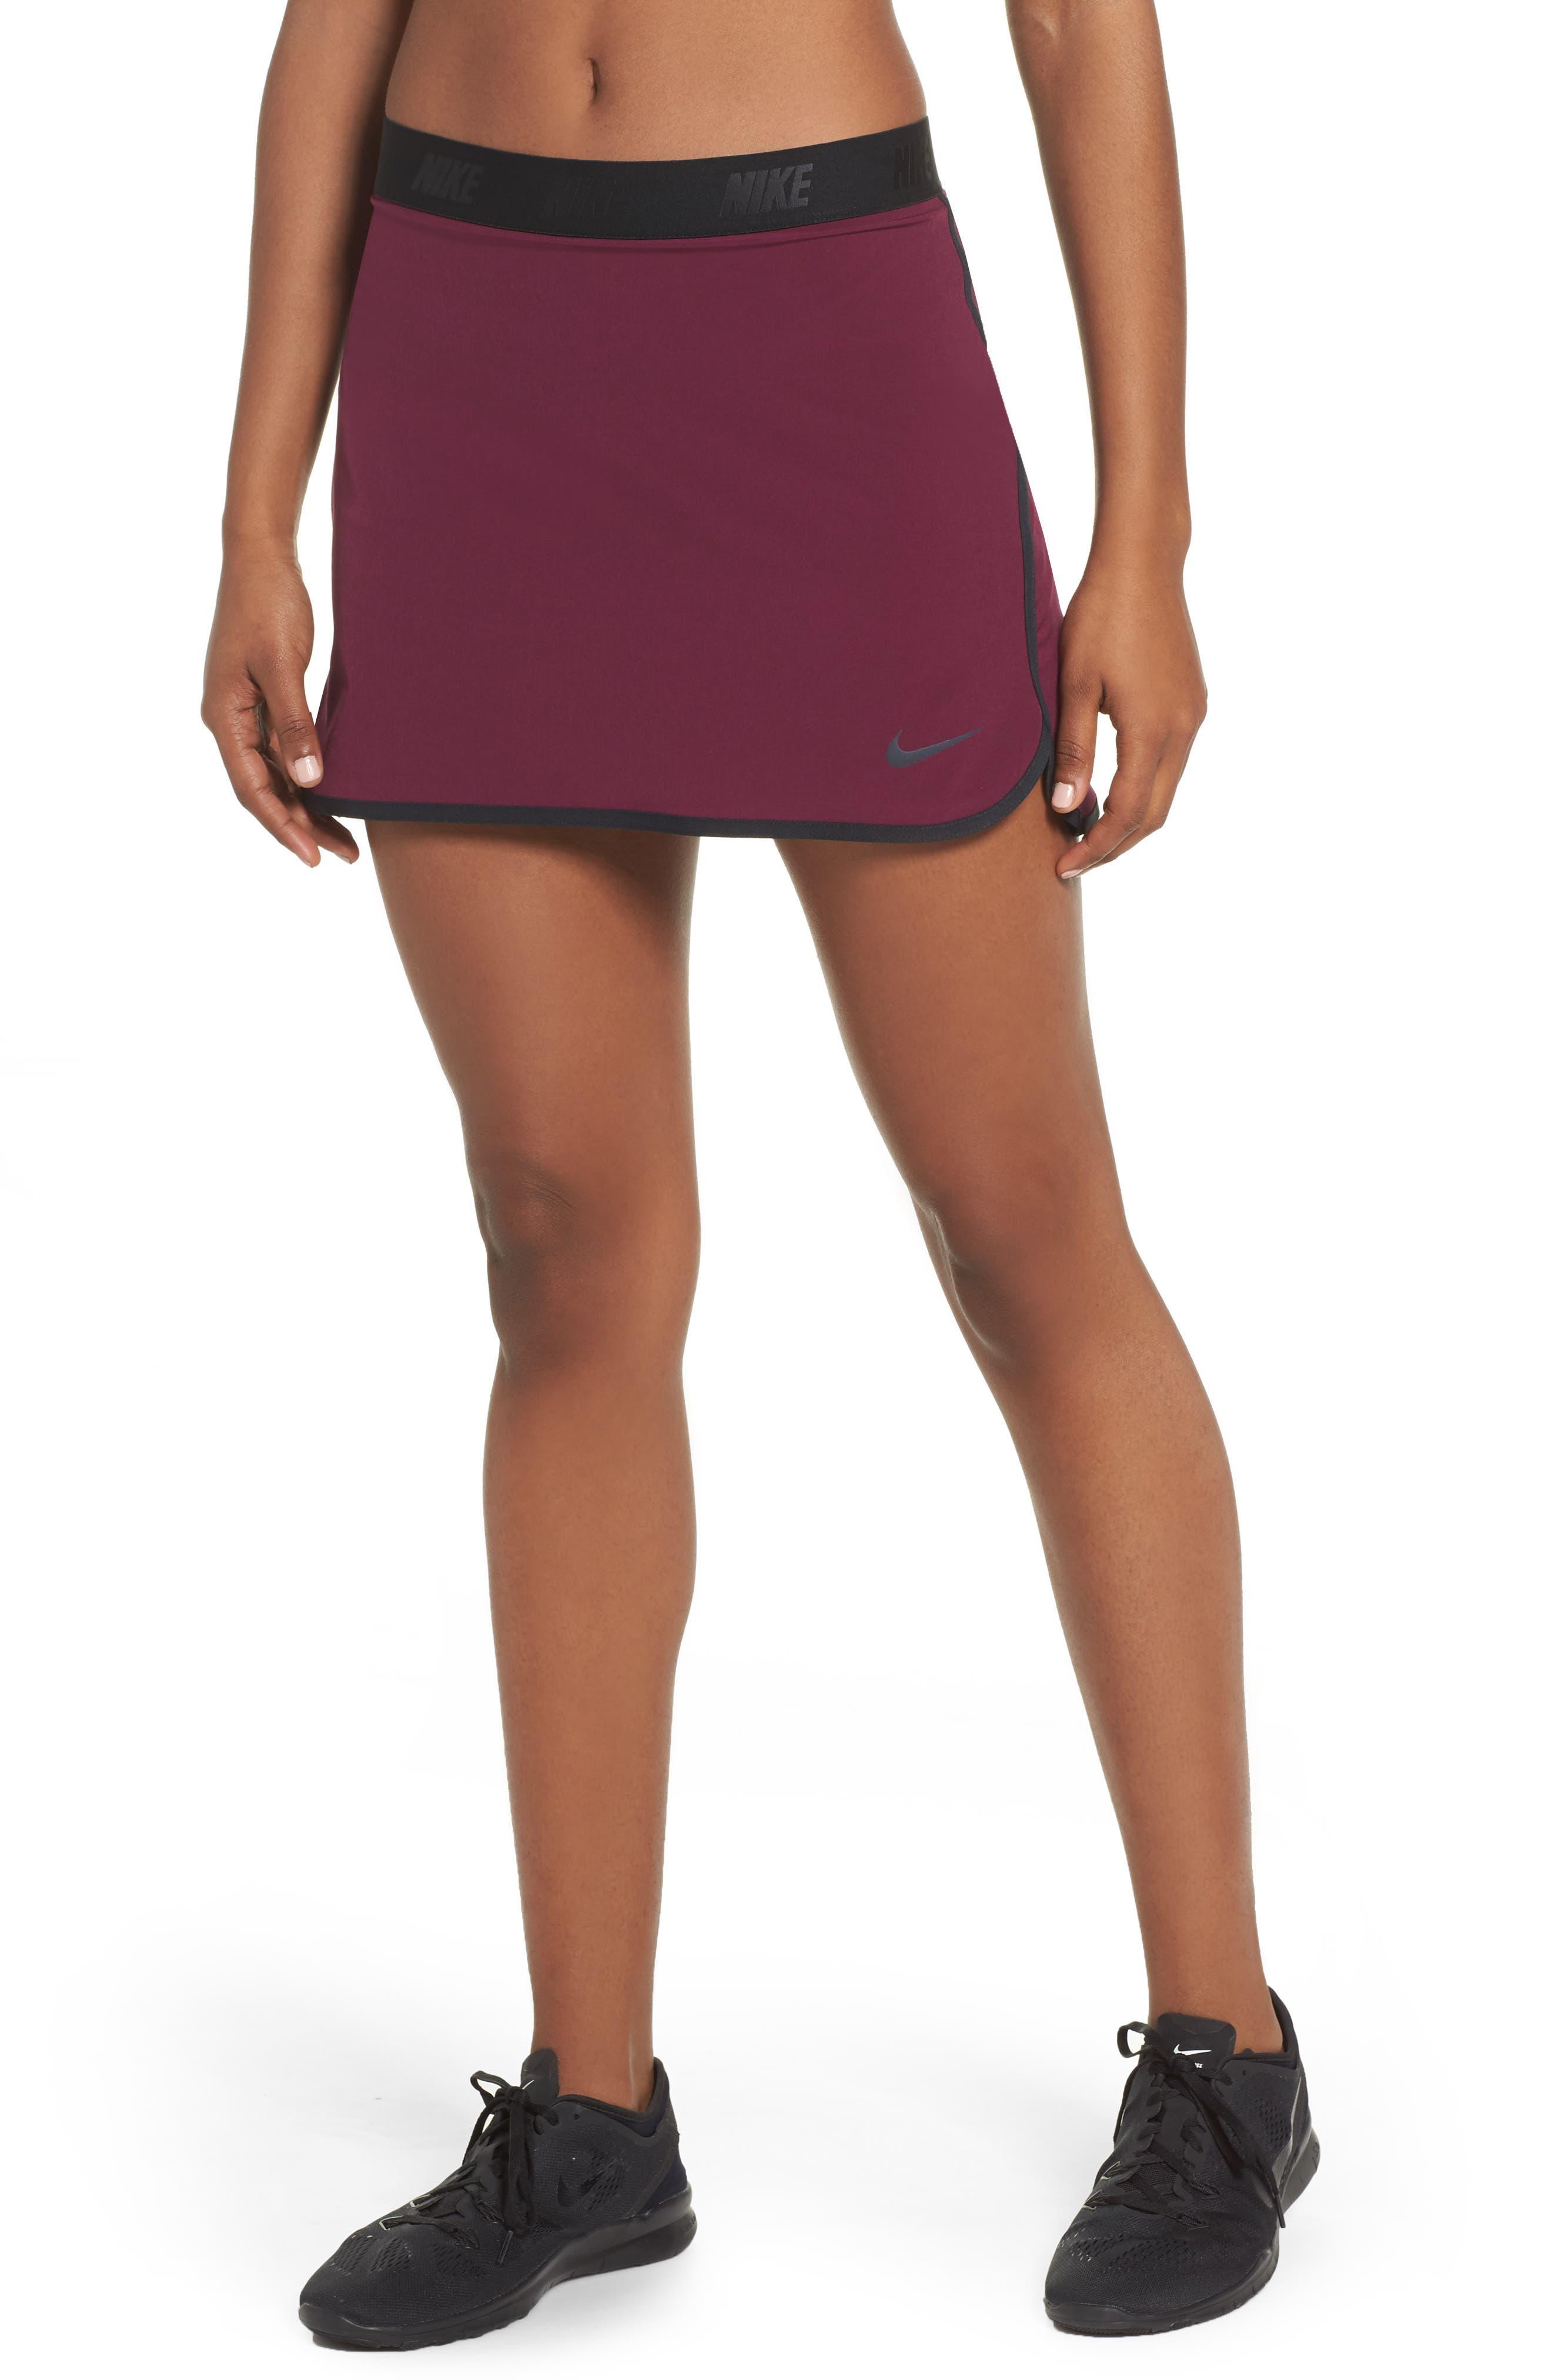 Flex Tennis Skirt,                         Main,                         color, Burgundy